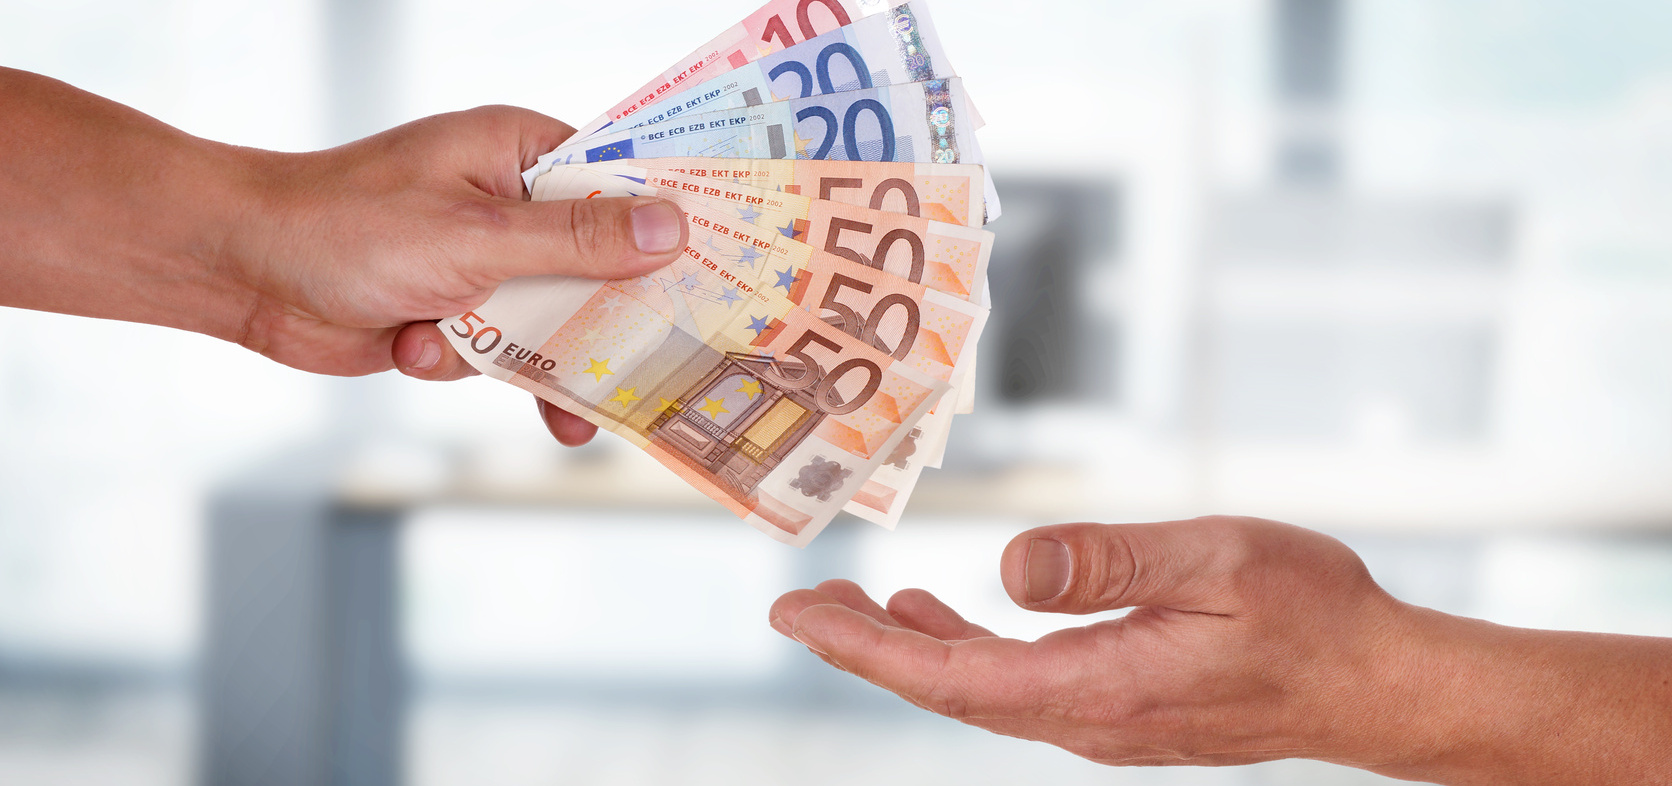 Wzrost wynagrodzeń w agencjach i domach mediowych - sprawdź, czy i Ciebie czeka podwyżka! SAR Mediarun Com Zarobki